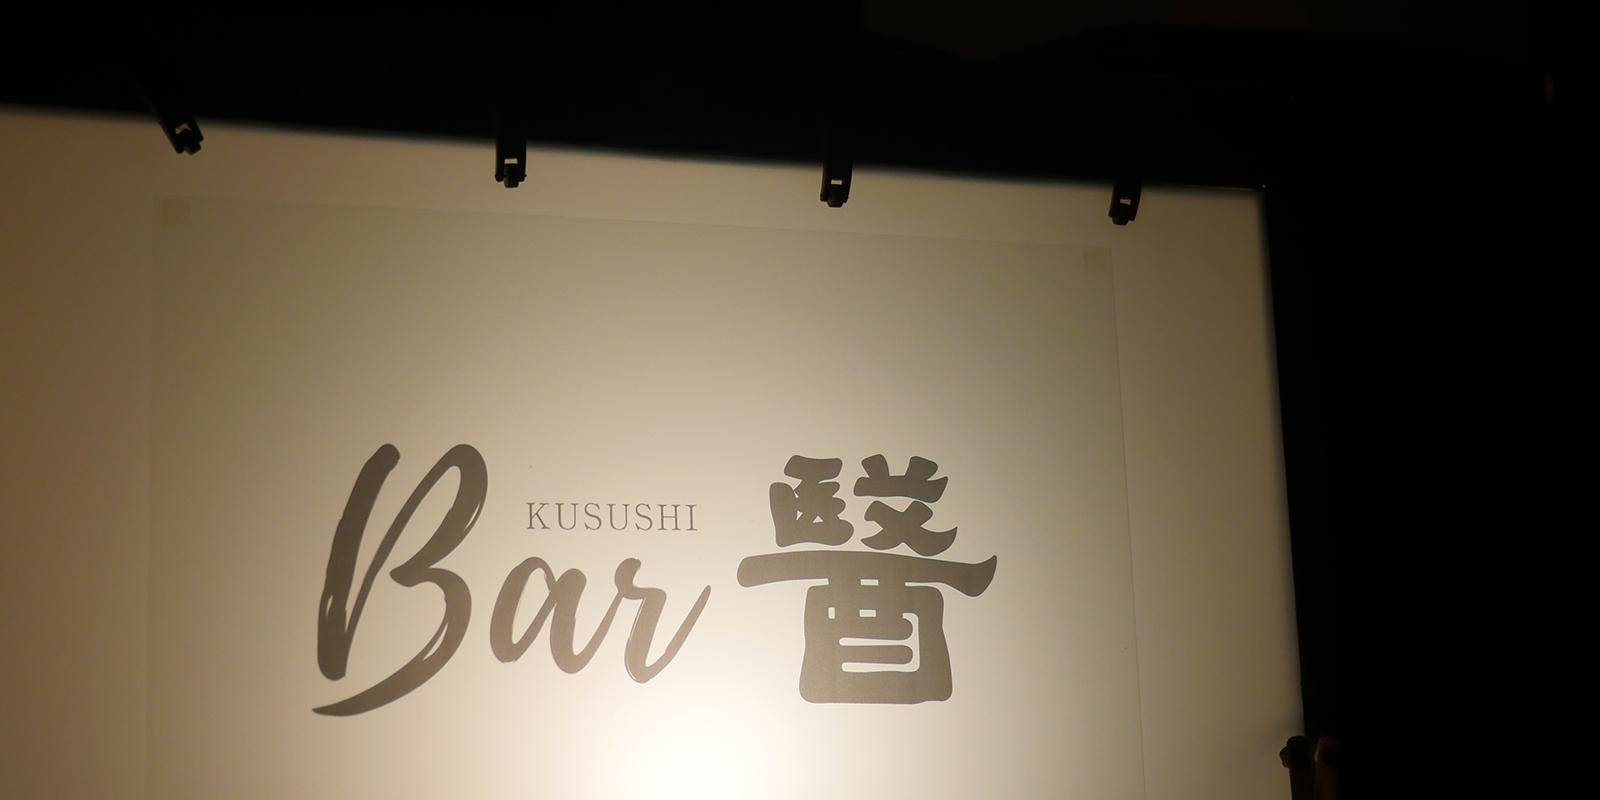 https://hatagoya-kusushi.com/wp/wp-content/themes/kusushi/img/header-logo.jpg